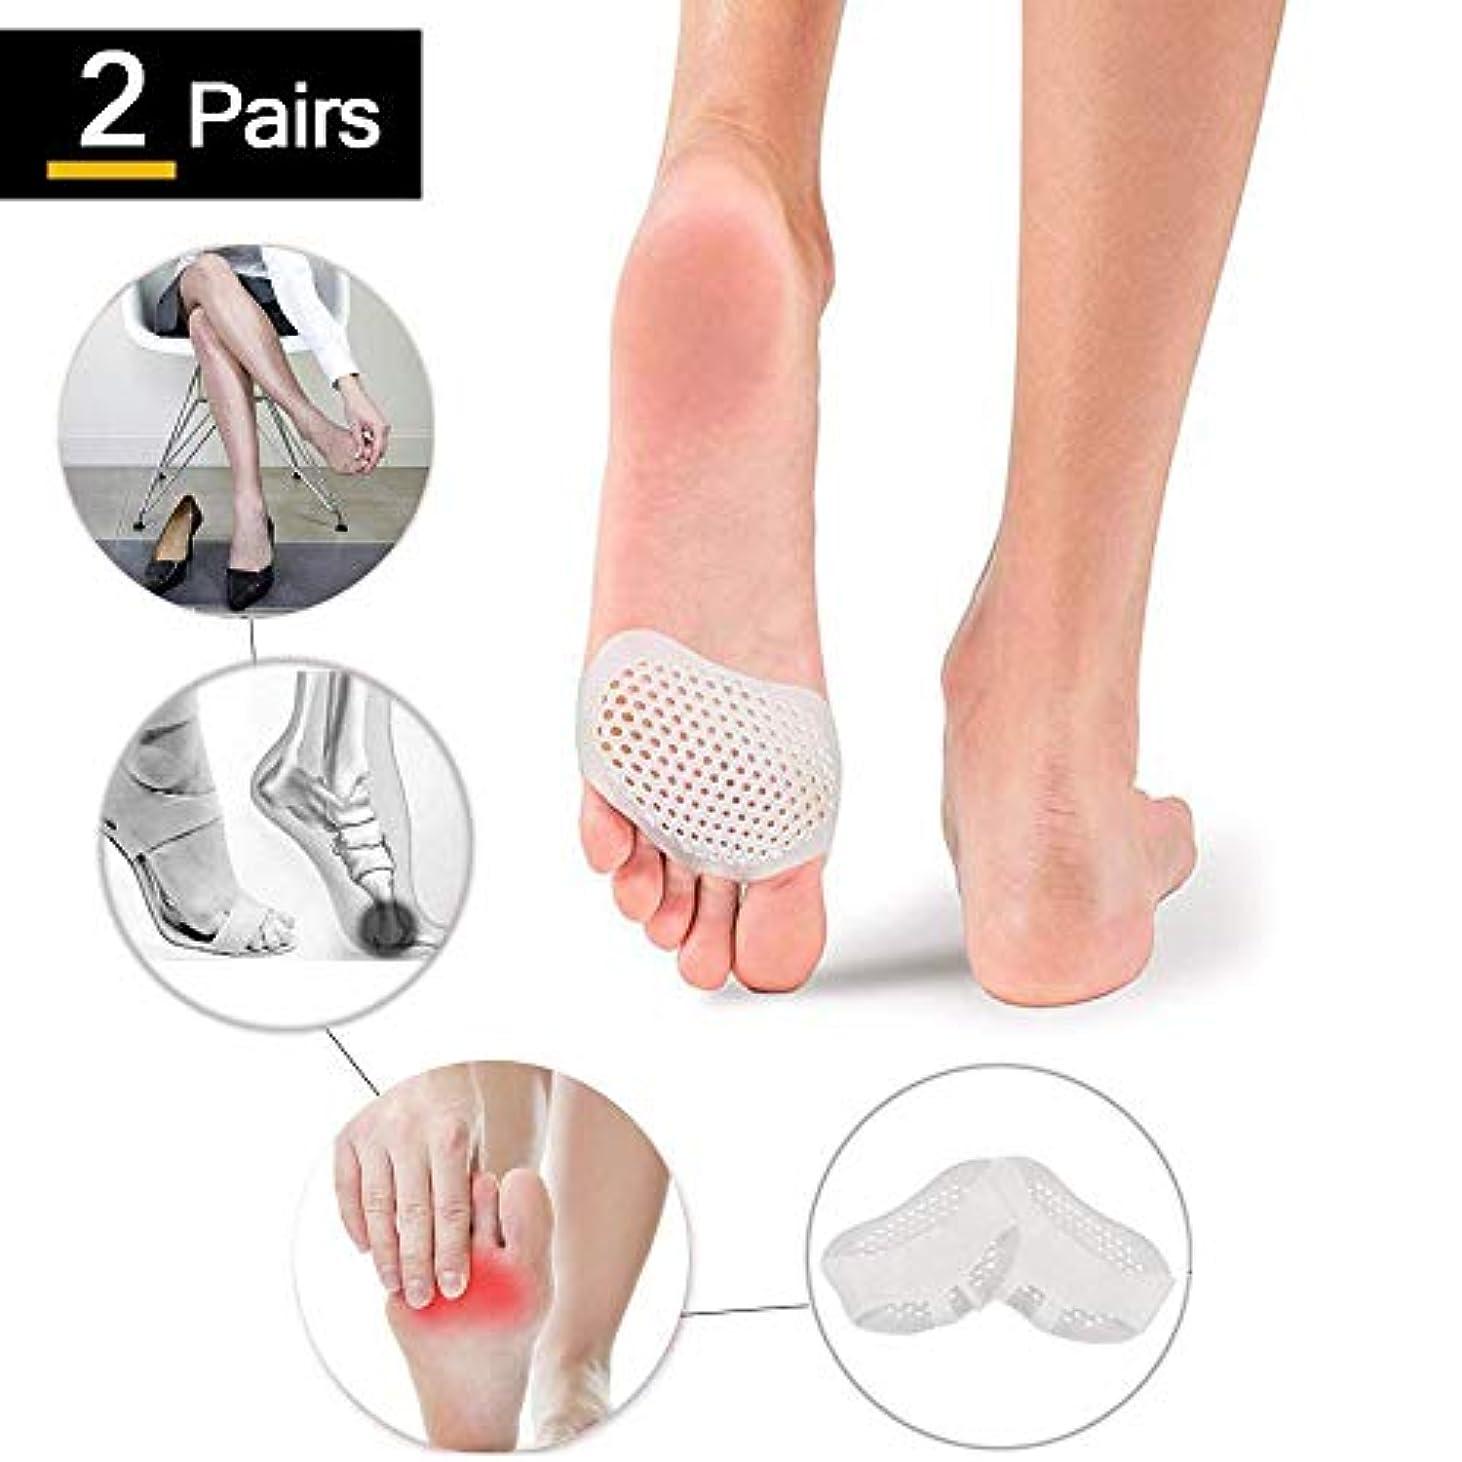 道帝国主義権限ソフトジェルの痛みを軽減するインソール、足前中足パッド、足のクッションのボール、糖尿病の足に最適、カルス、水疱、前足の痛み2 Pairs